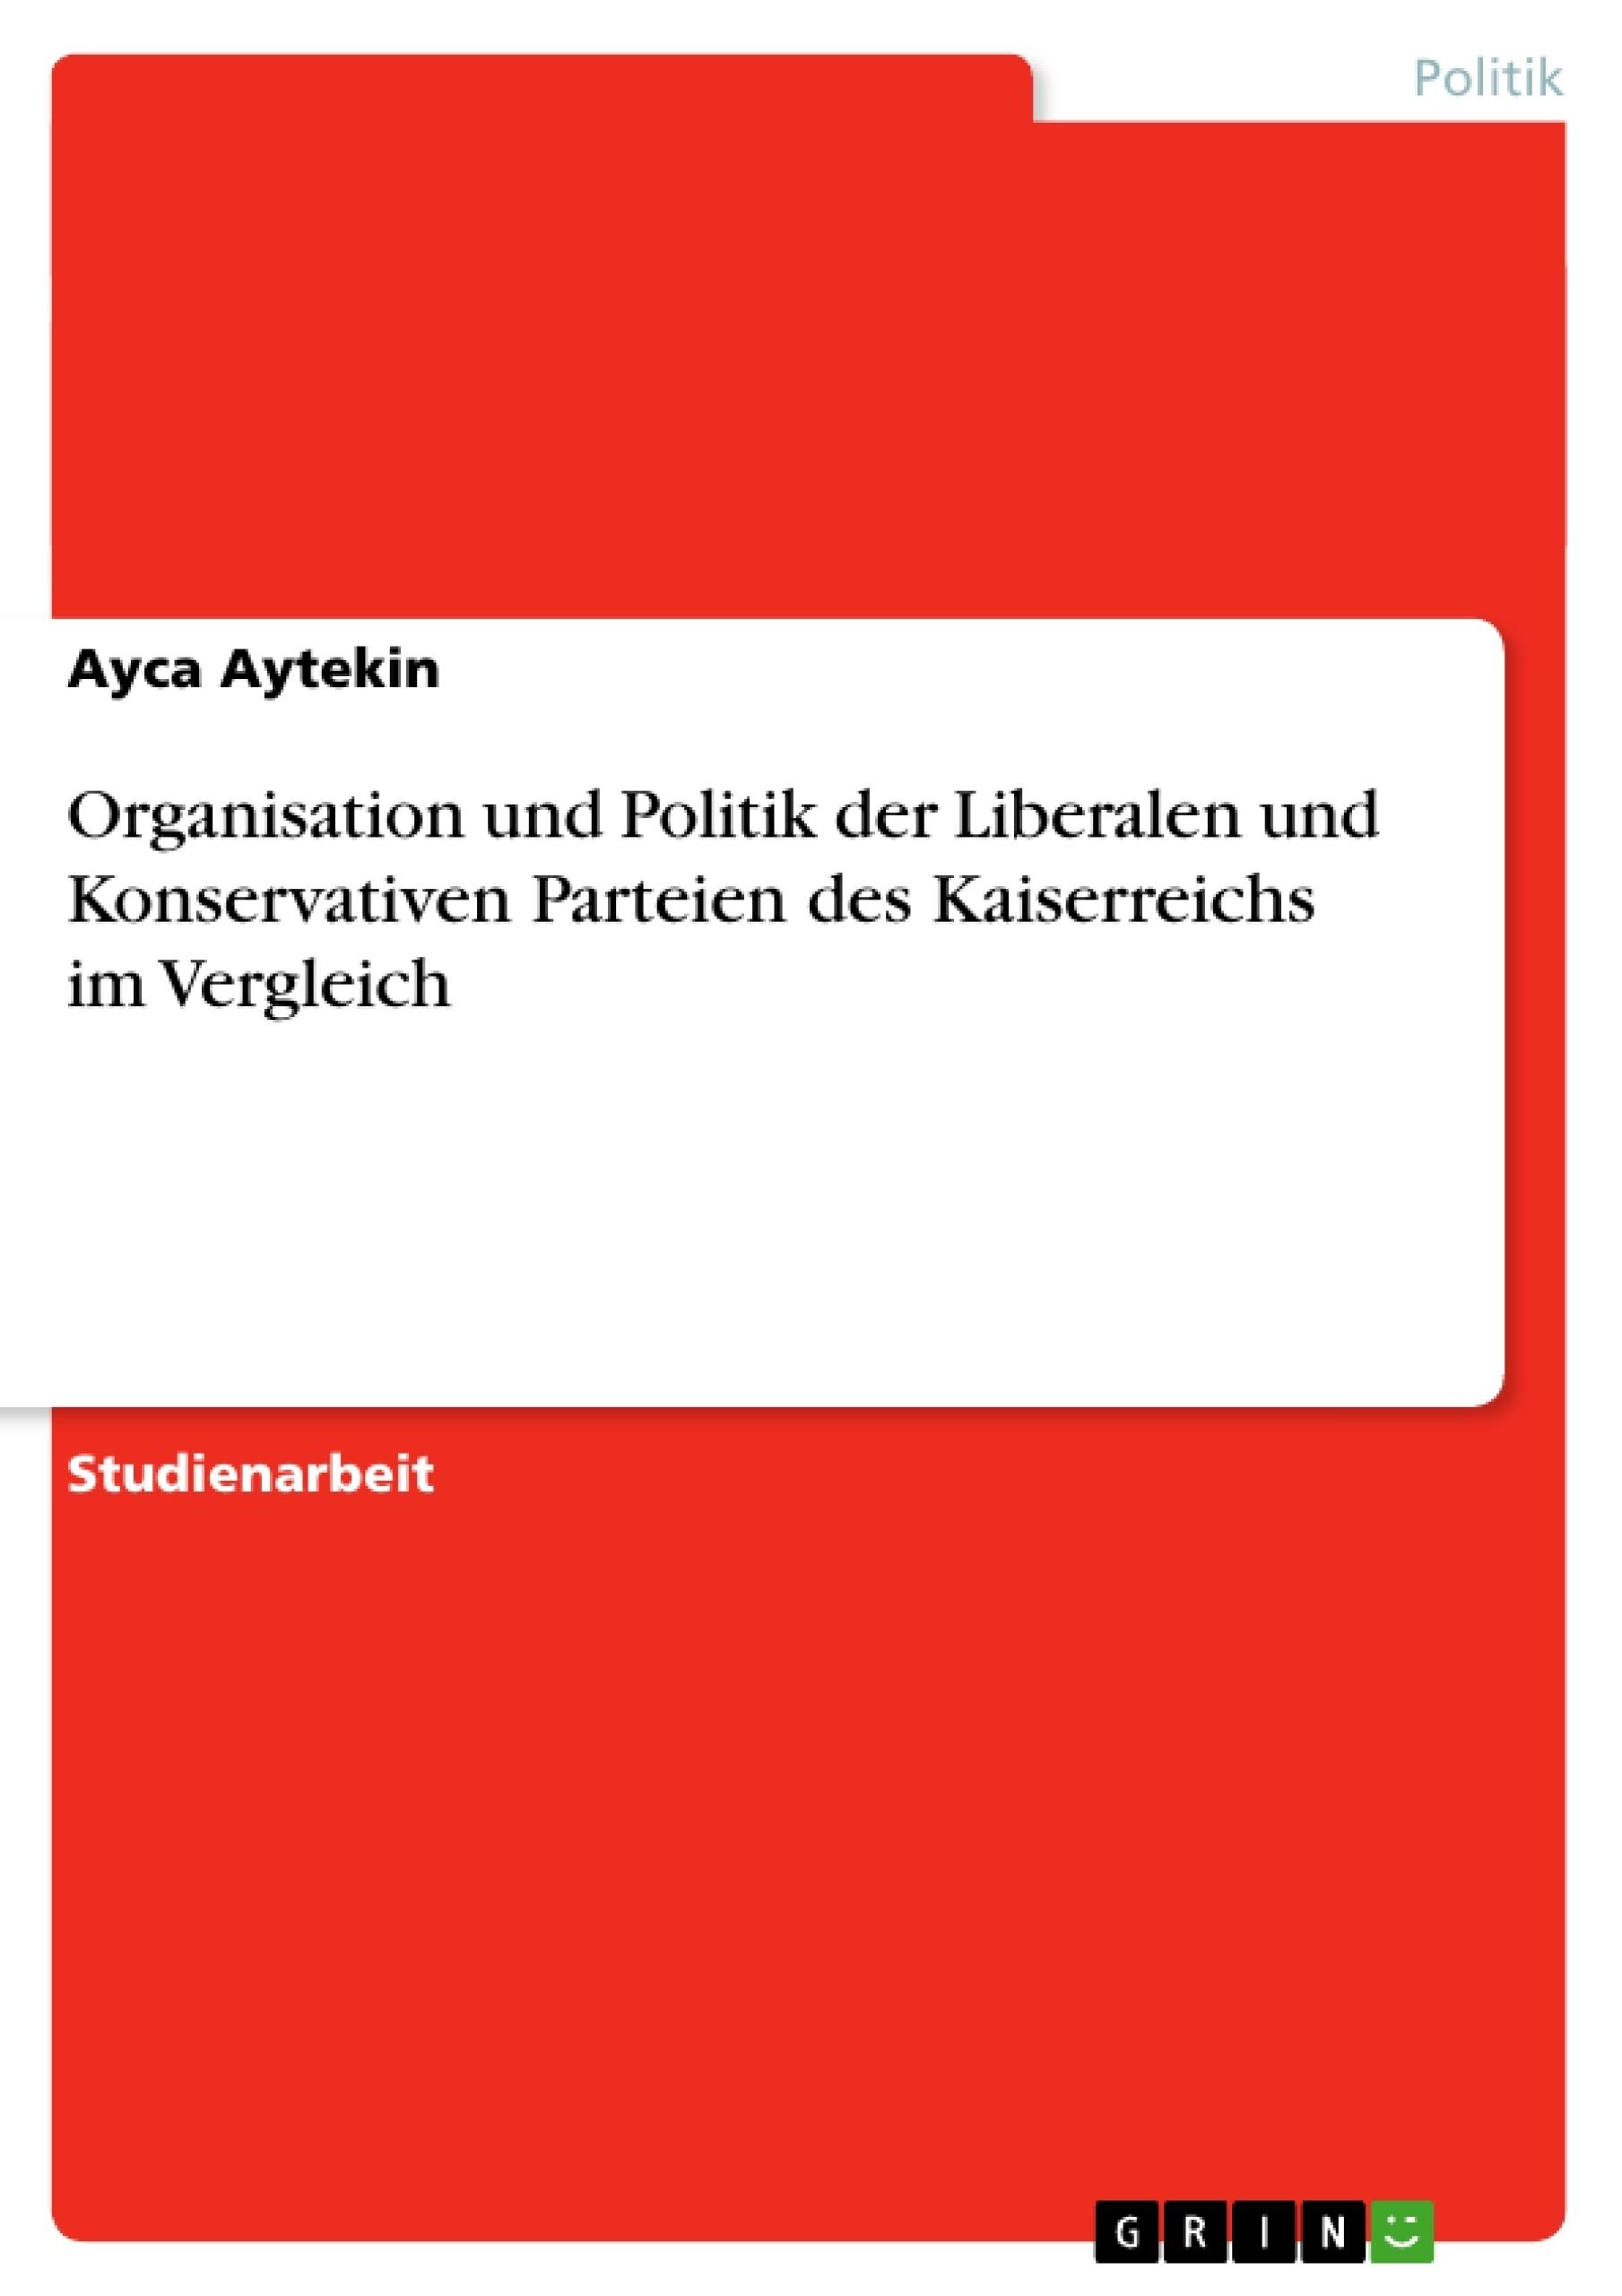 Titel: Organisation und Politik der Liberalen und Konservativen Parteien des Kaiserreichs im Vergleich